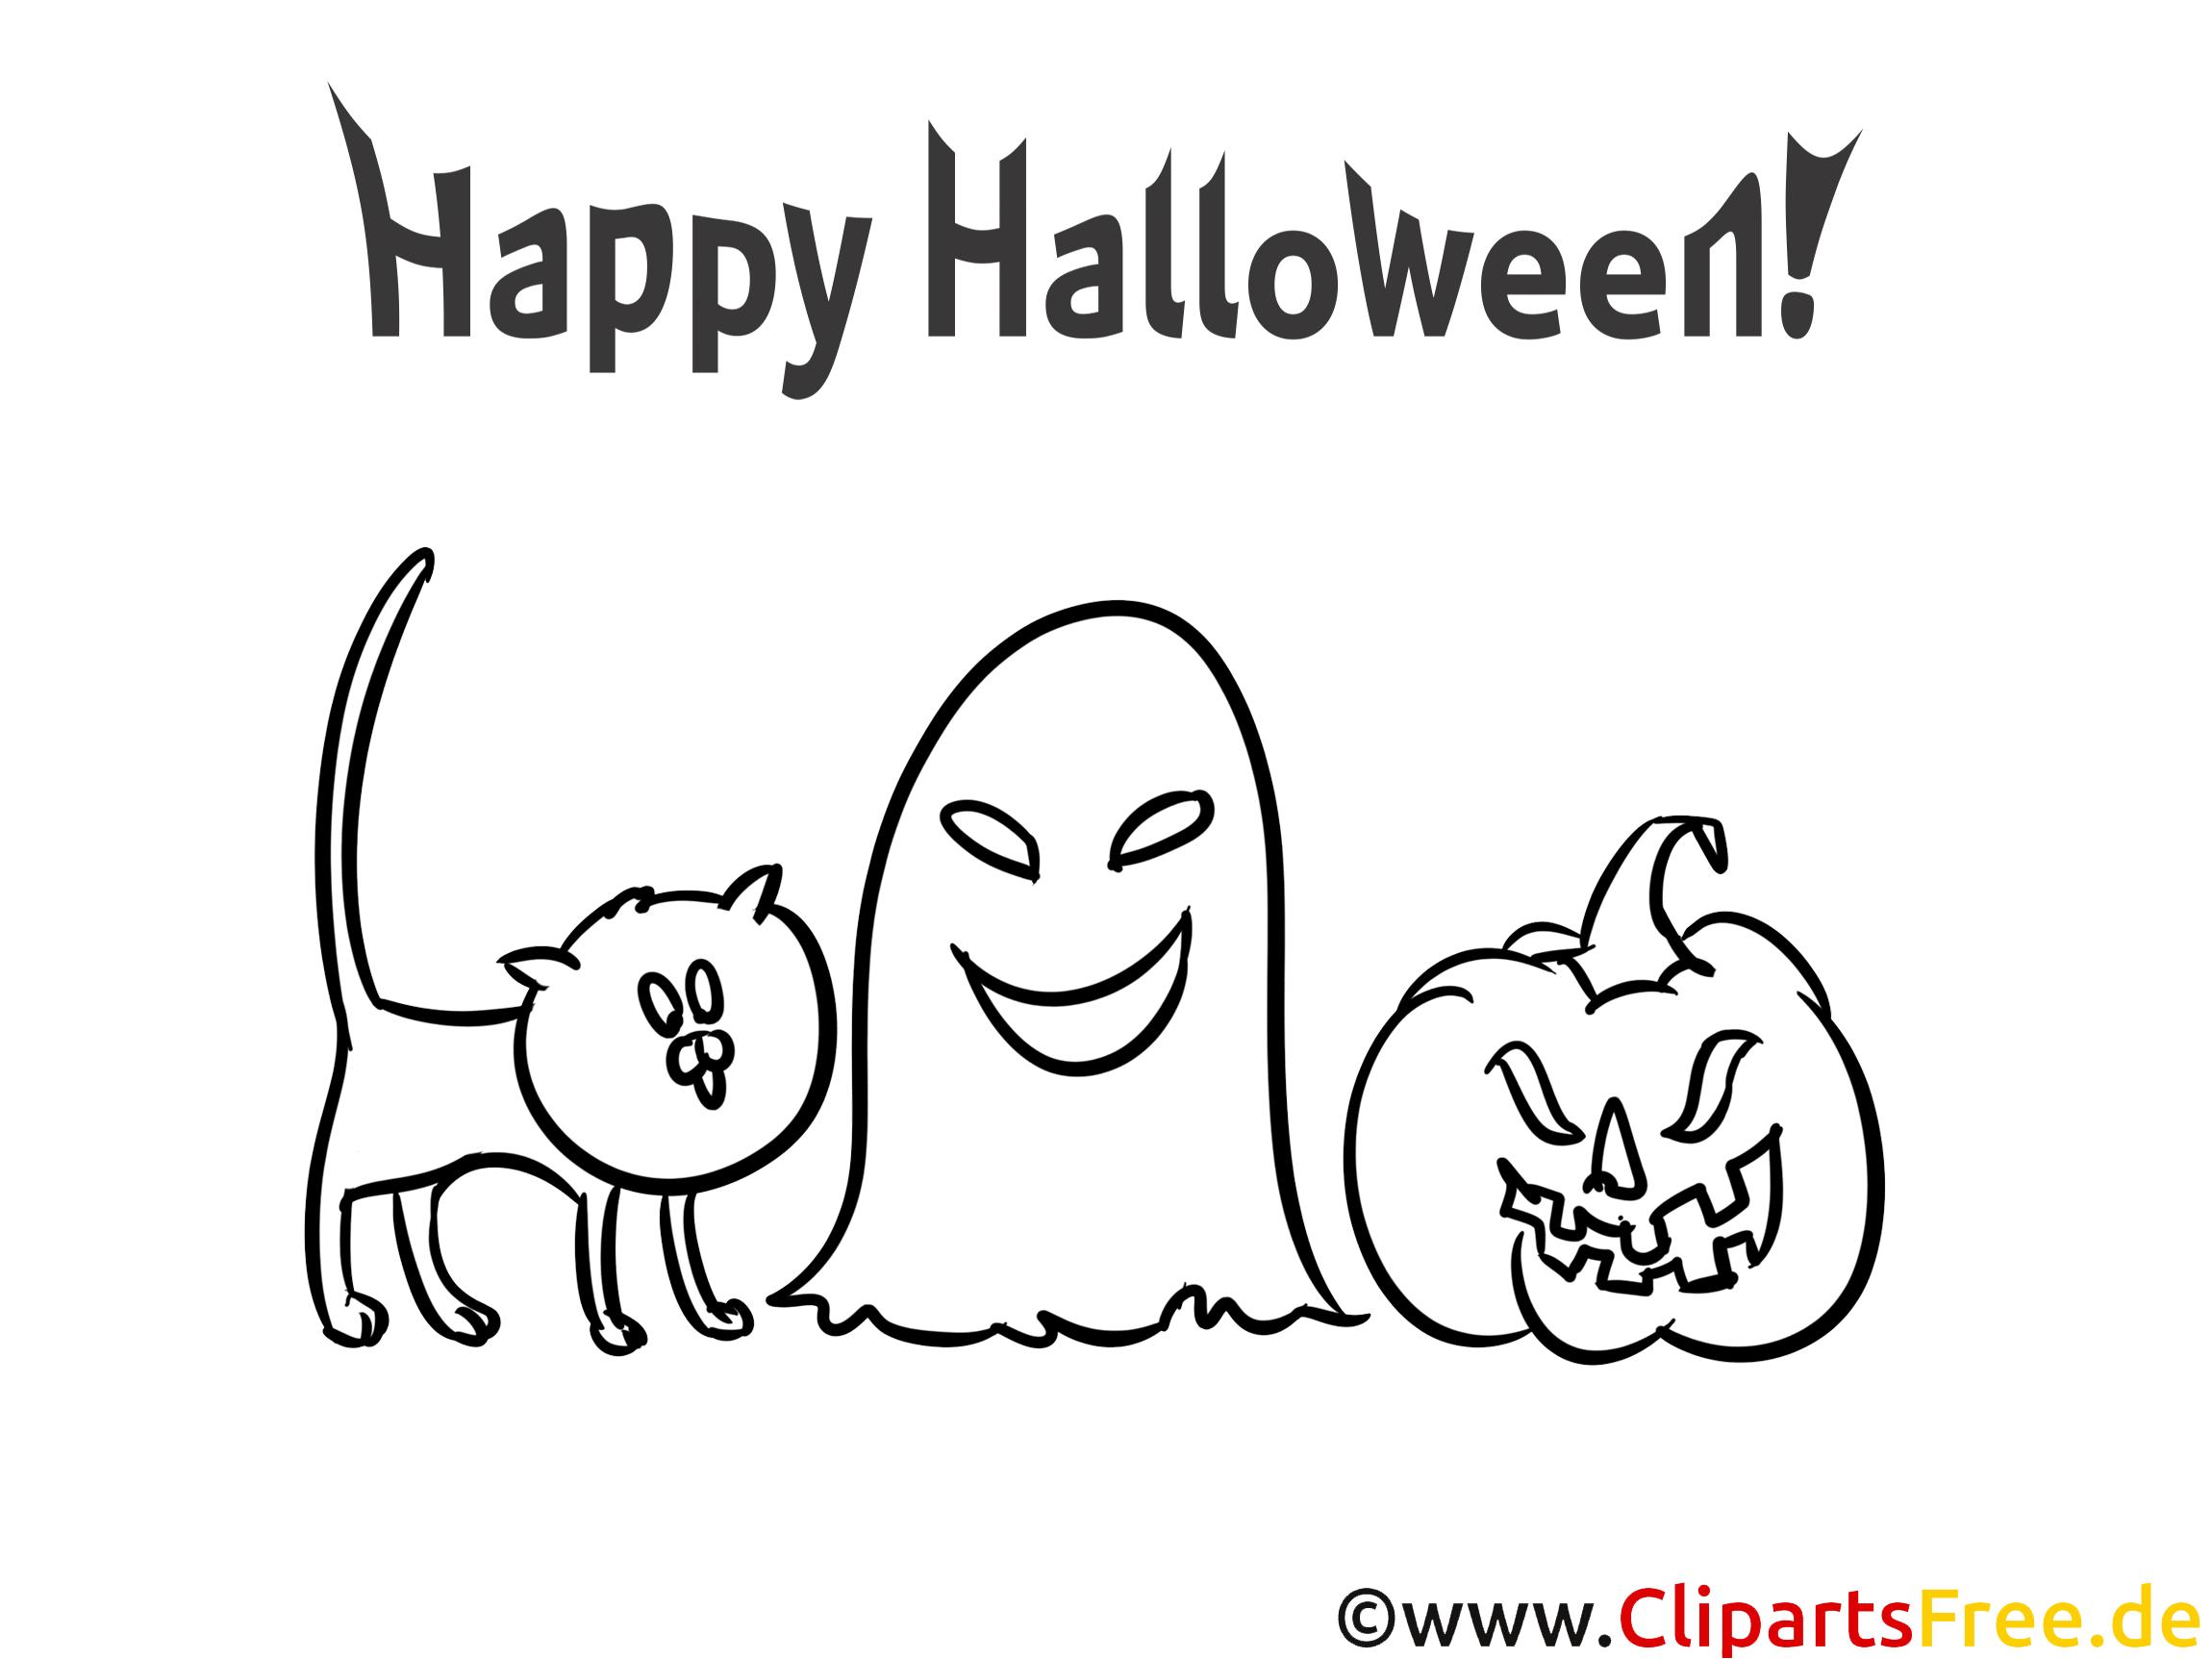 Gratis Malvorlage zu Halloween